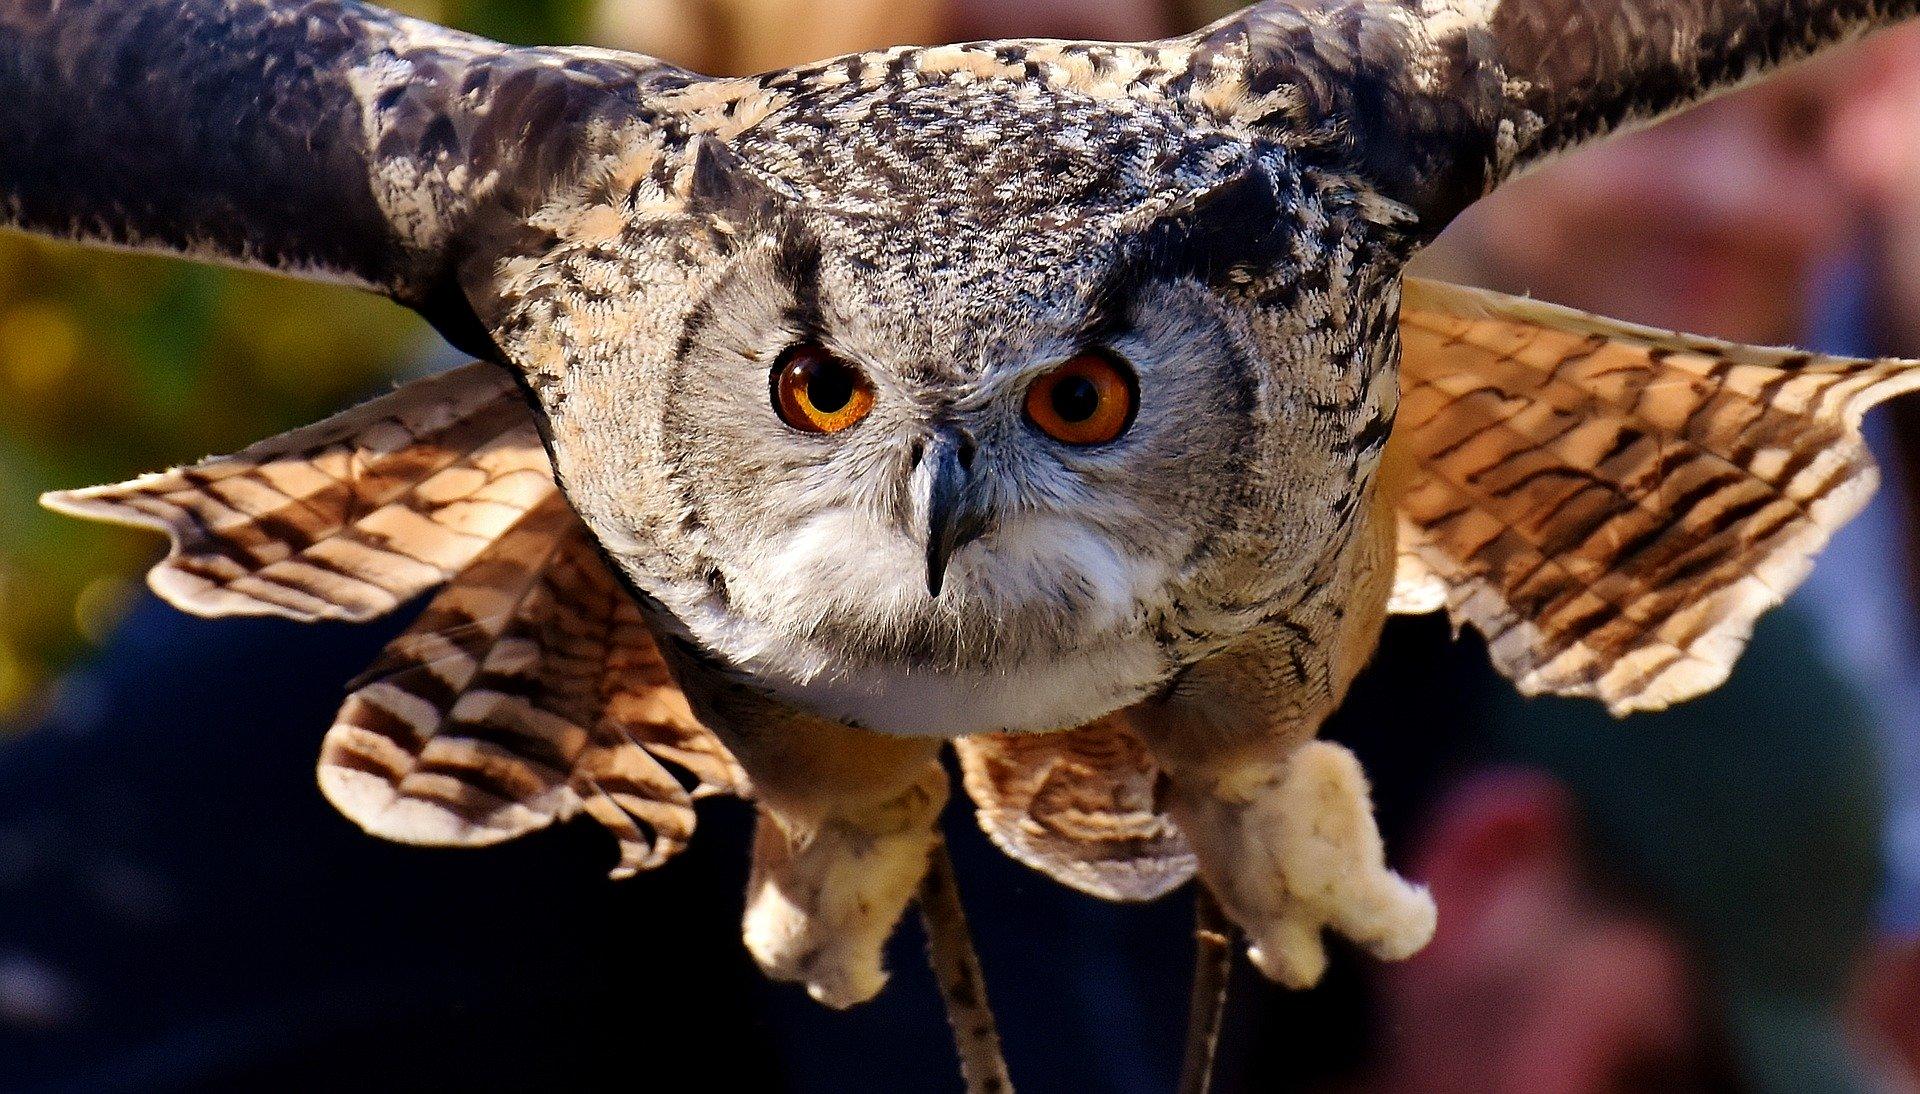 SuperbOwl: Image credit: Alexas_Fotos via Pixabay